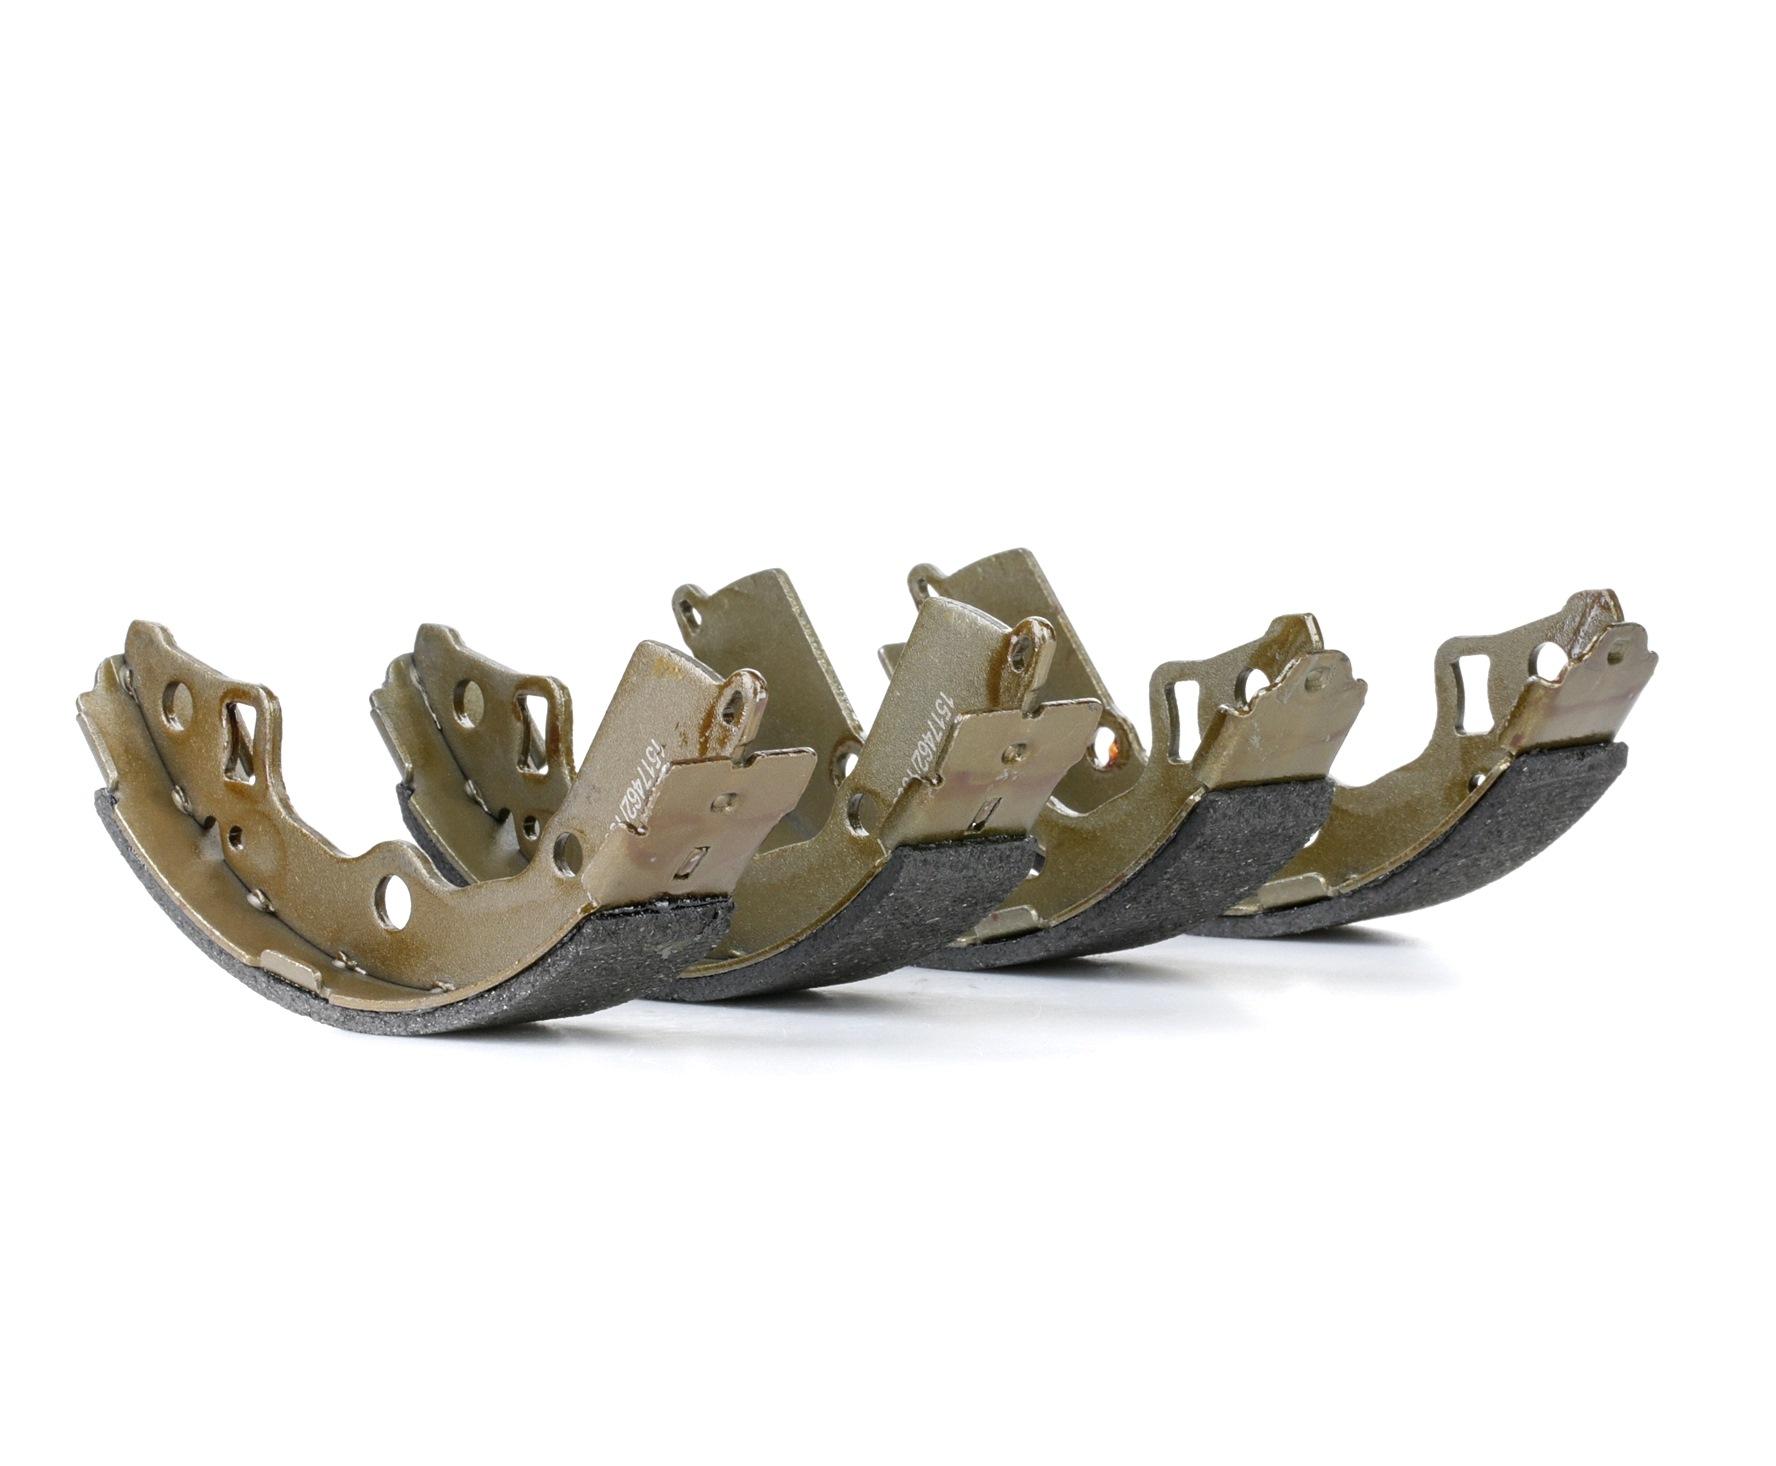 RIDEX: Original Bremsbeläge für Trommelbremsen 70B0284 (Breite: 31,5mm)